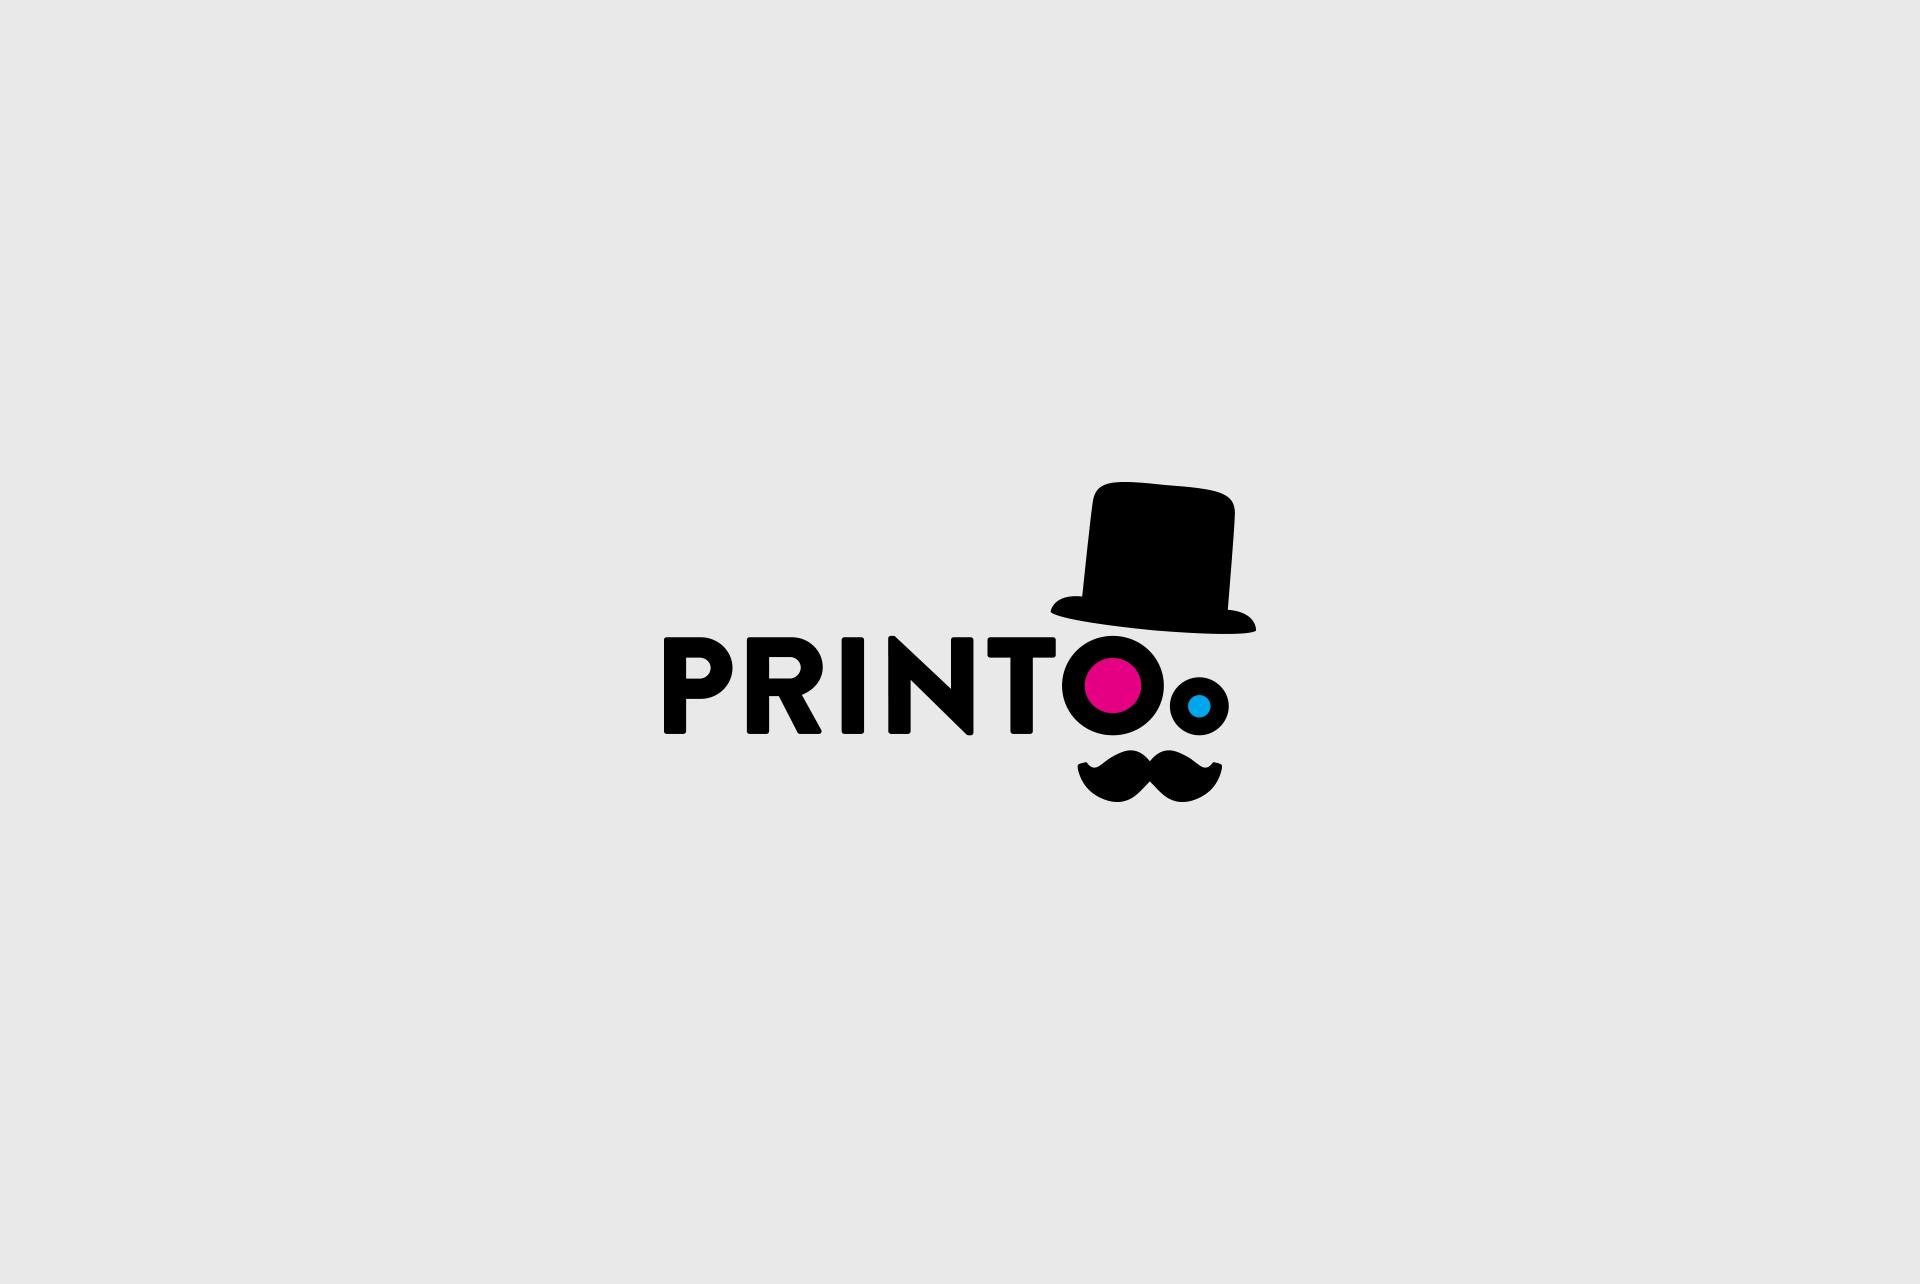 Logo PrinToo